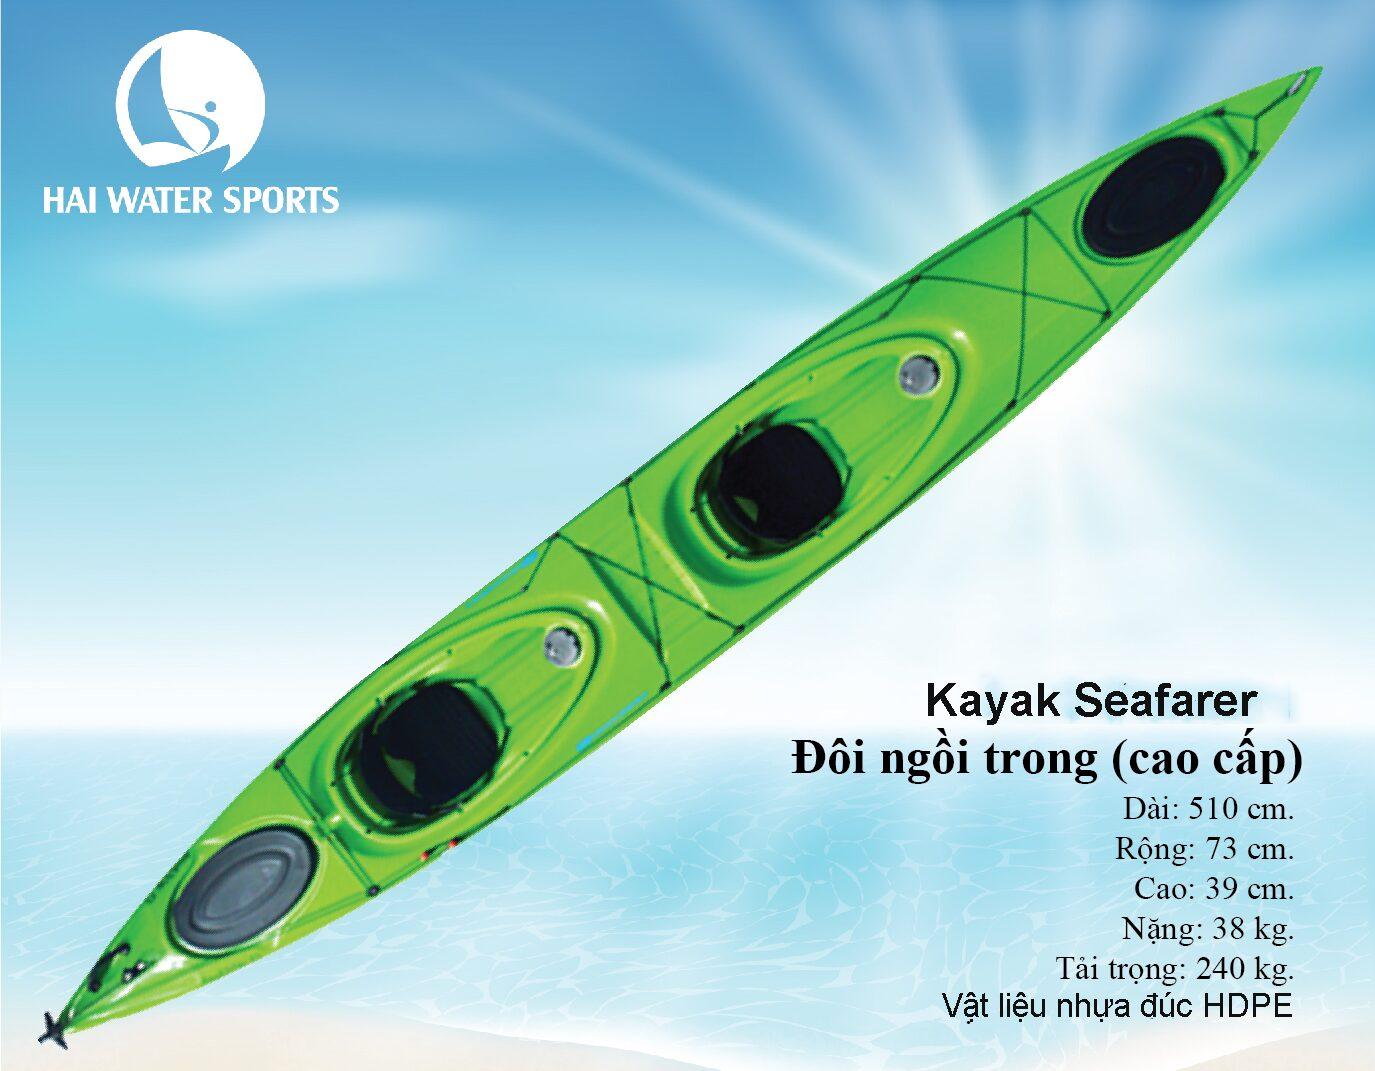 Thuyền Kayak đôi ngồi trong Duluxe